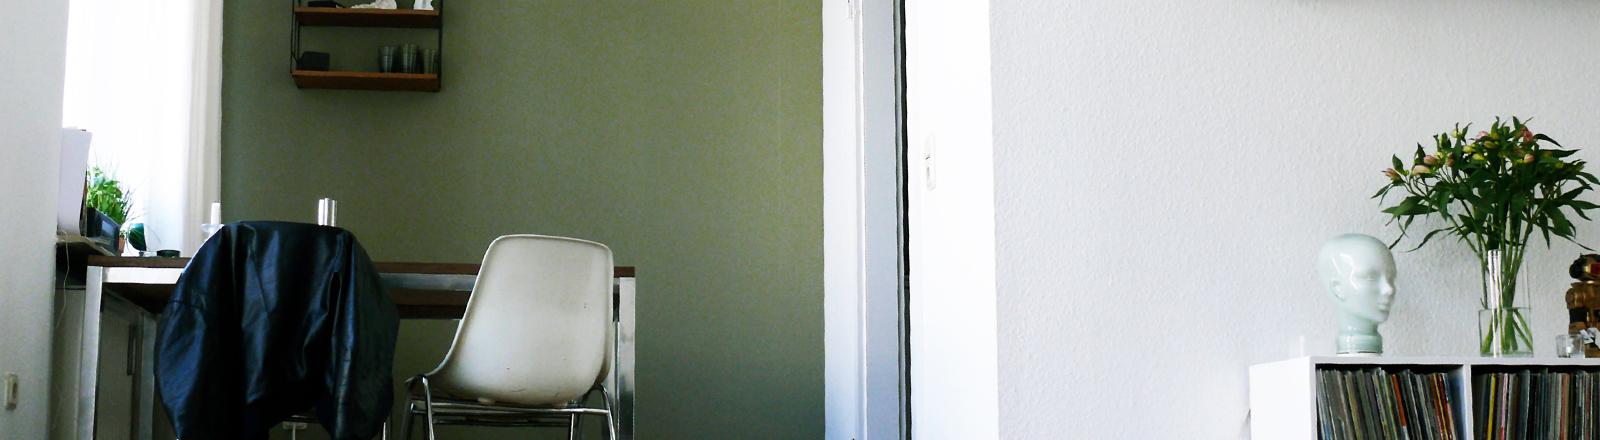 Wohn- und Esszimmer mit Tisch, Stühlen und Sideboard.